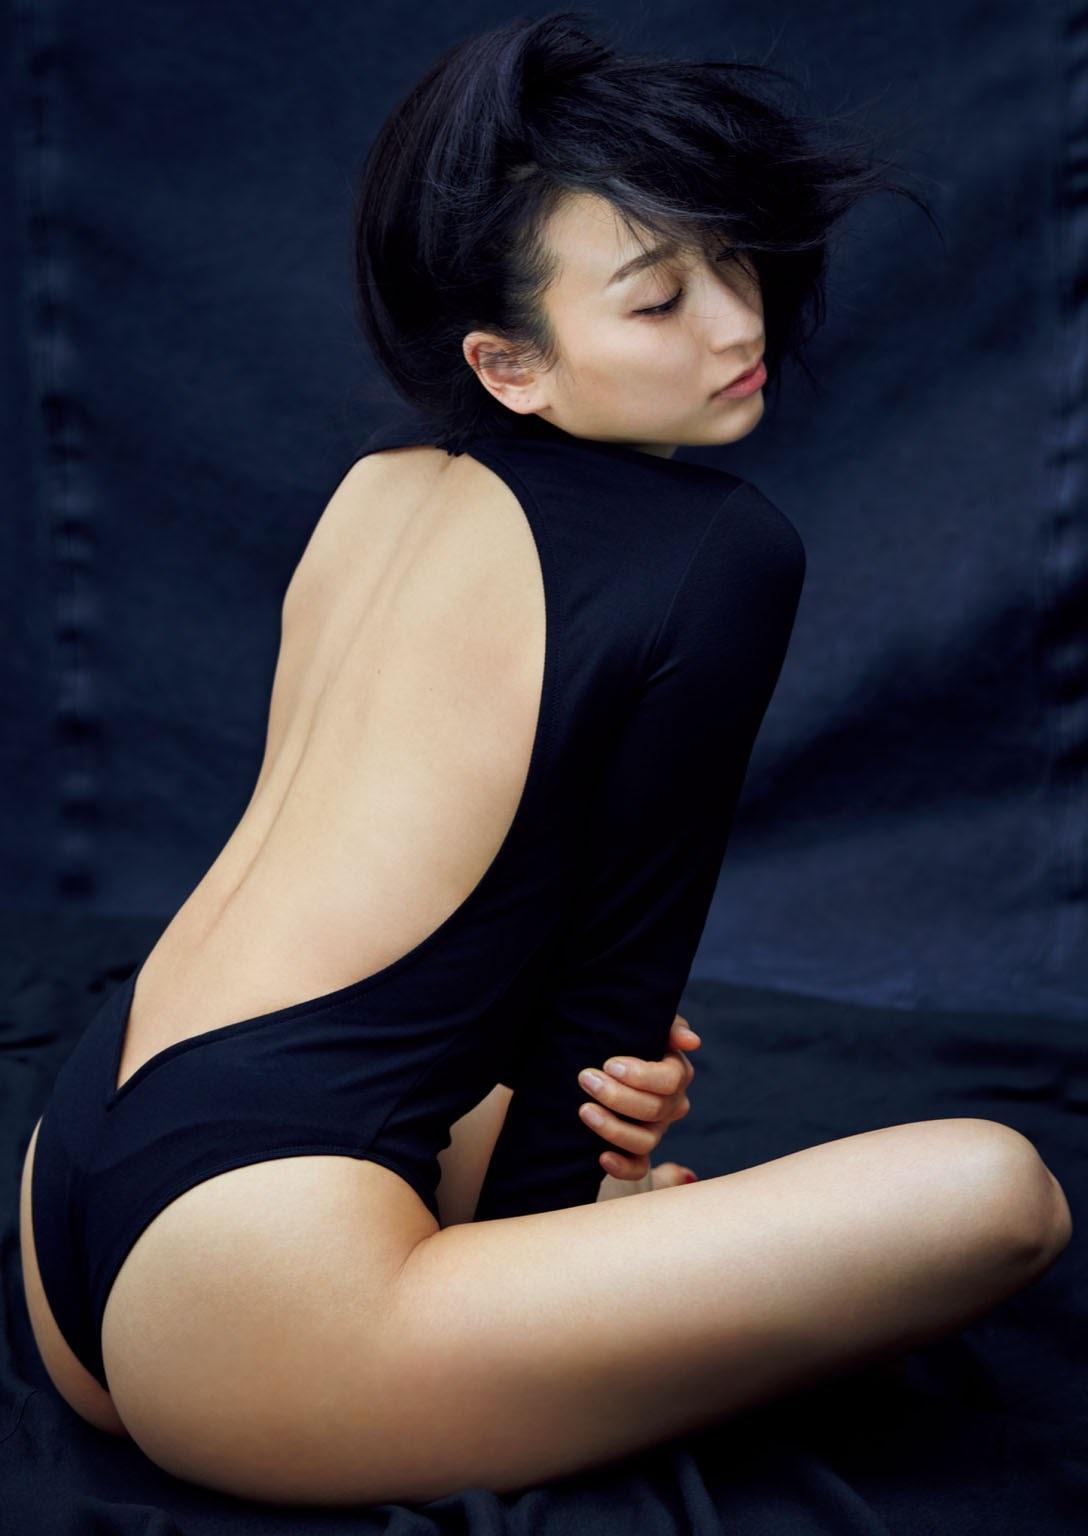 松本真理香 樱井音乃 羽柴なつみ-Weekly Playboy 2021第23期 高清套图 第57张